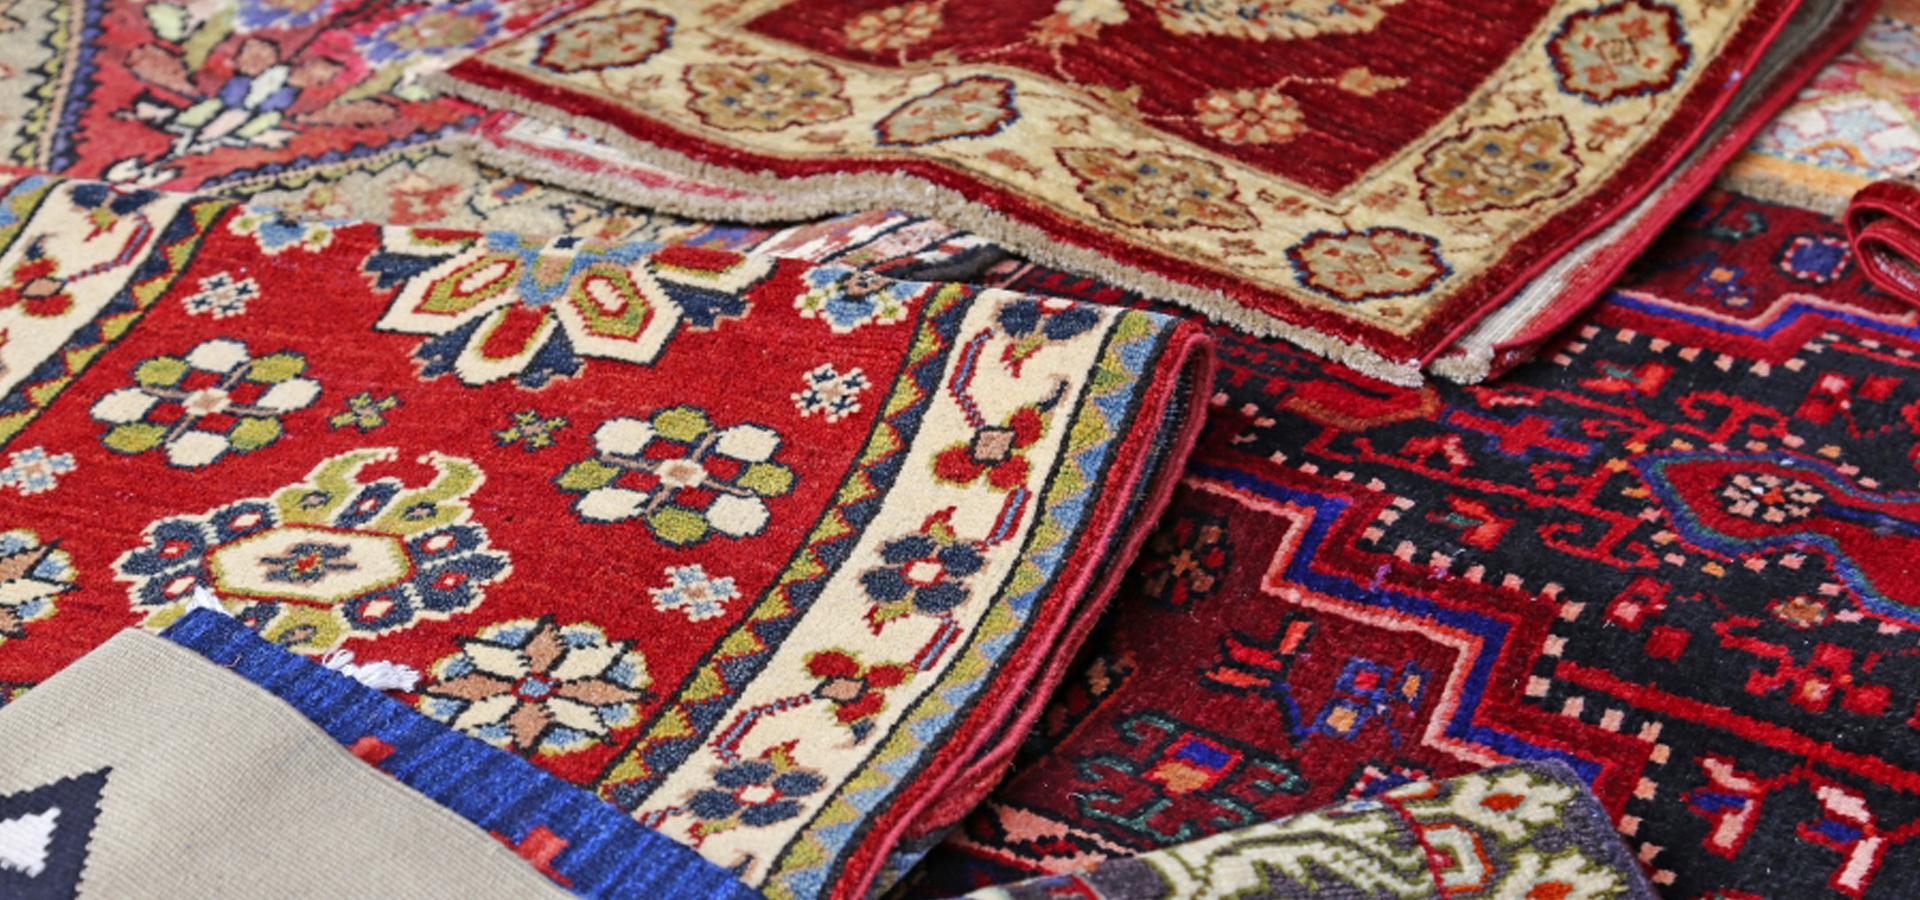 Pulizia tappeti persiani 28 images lavaggio tappeti lavaggio tappeti persiani cremona - Pulire tappeti in casa ...